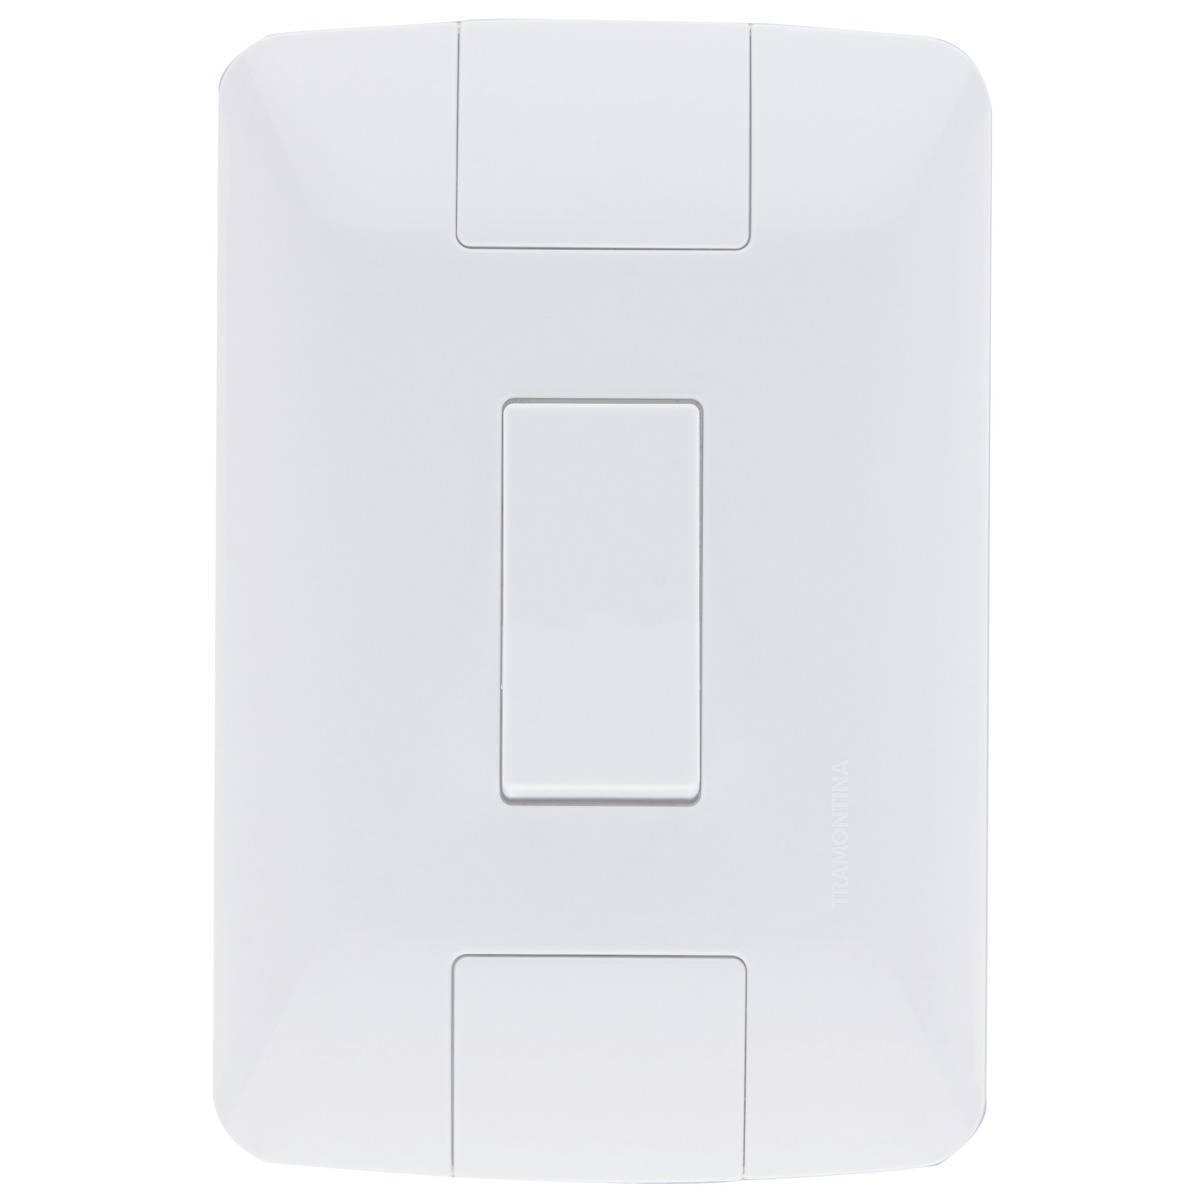 Conjunto Montado Aria 4x2 1 Interruptor Simples 6a Vertical  - LCGELETRO